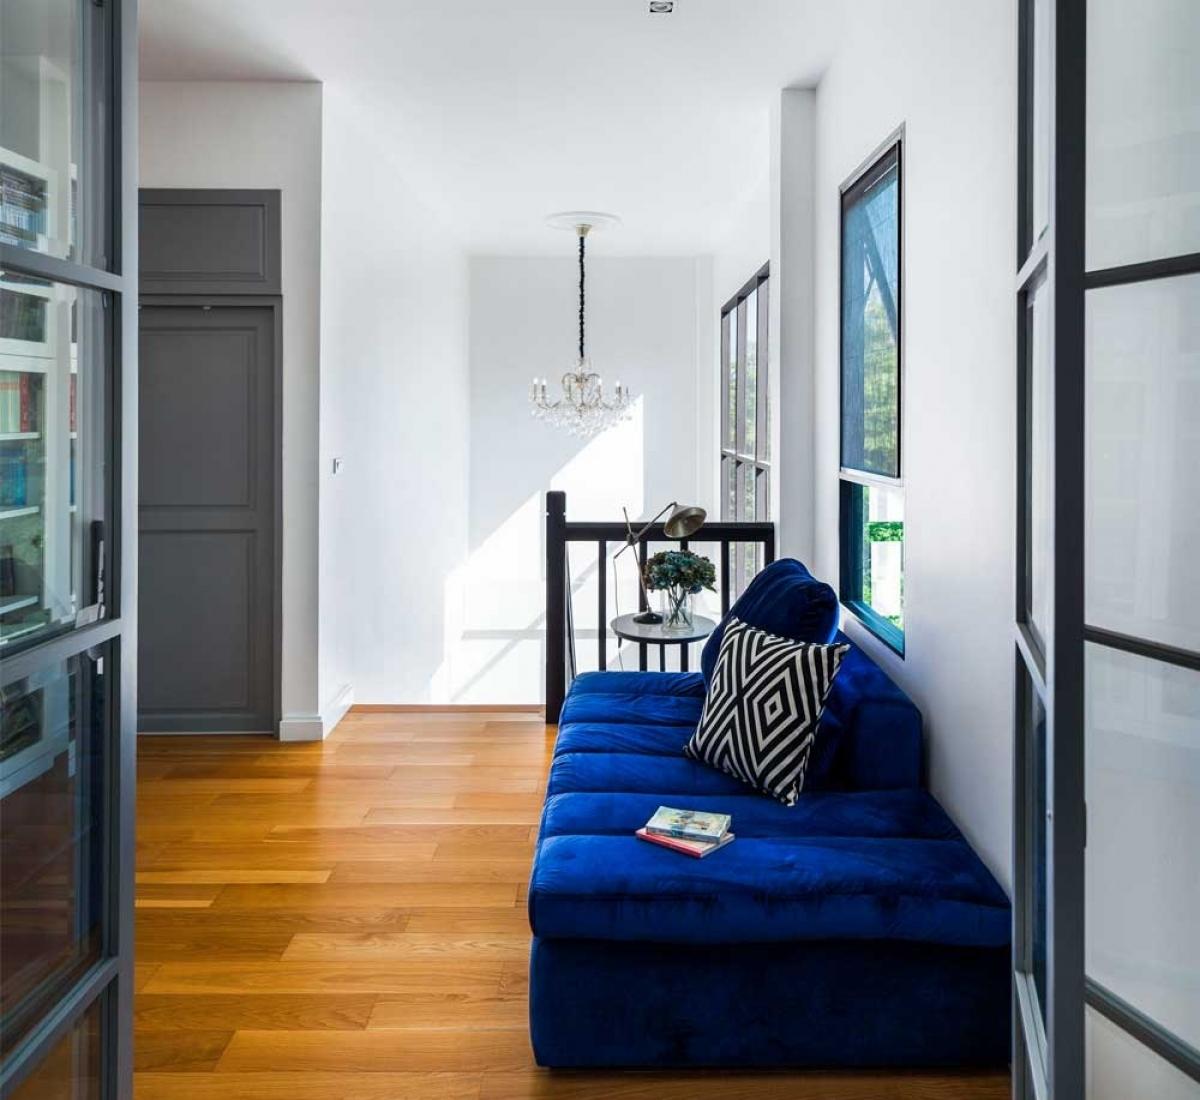 Chiếc ghế màu xanh đậm bên cạnh cửa sổ là điểm nhấn vô cùng sáng tạo cho một góc thư giãn tuyệt vời.